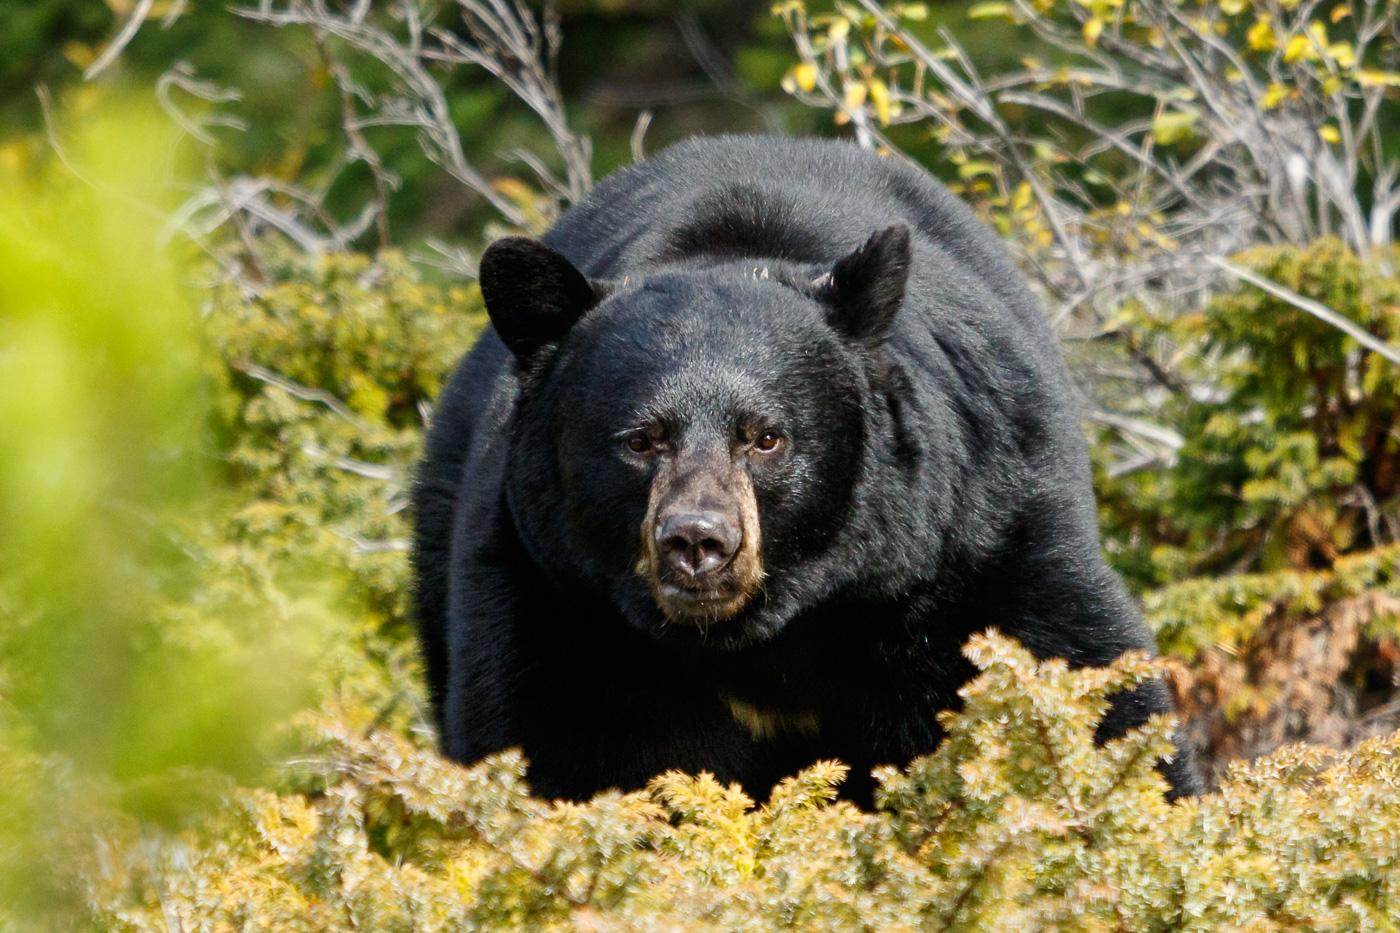 Black Bear (Ursus americanus), Jasper National Park, Canada. - Fauna de Nord-Amèrica - Raül Carmona - Fotografia, Fotografia d'estudi, esdeveniments i Natura